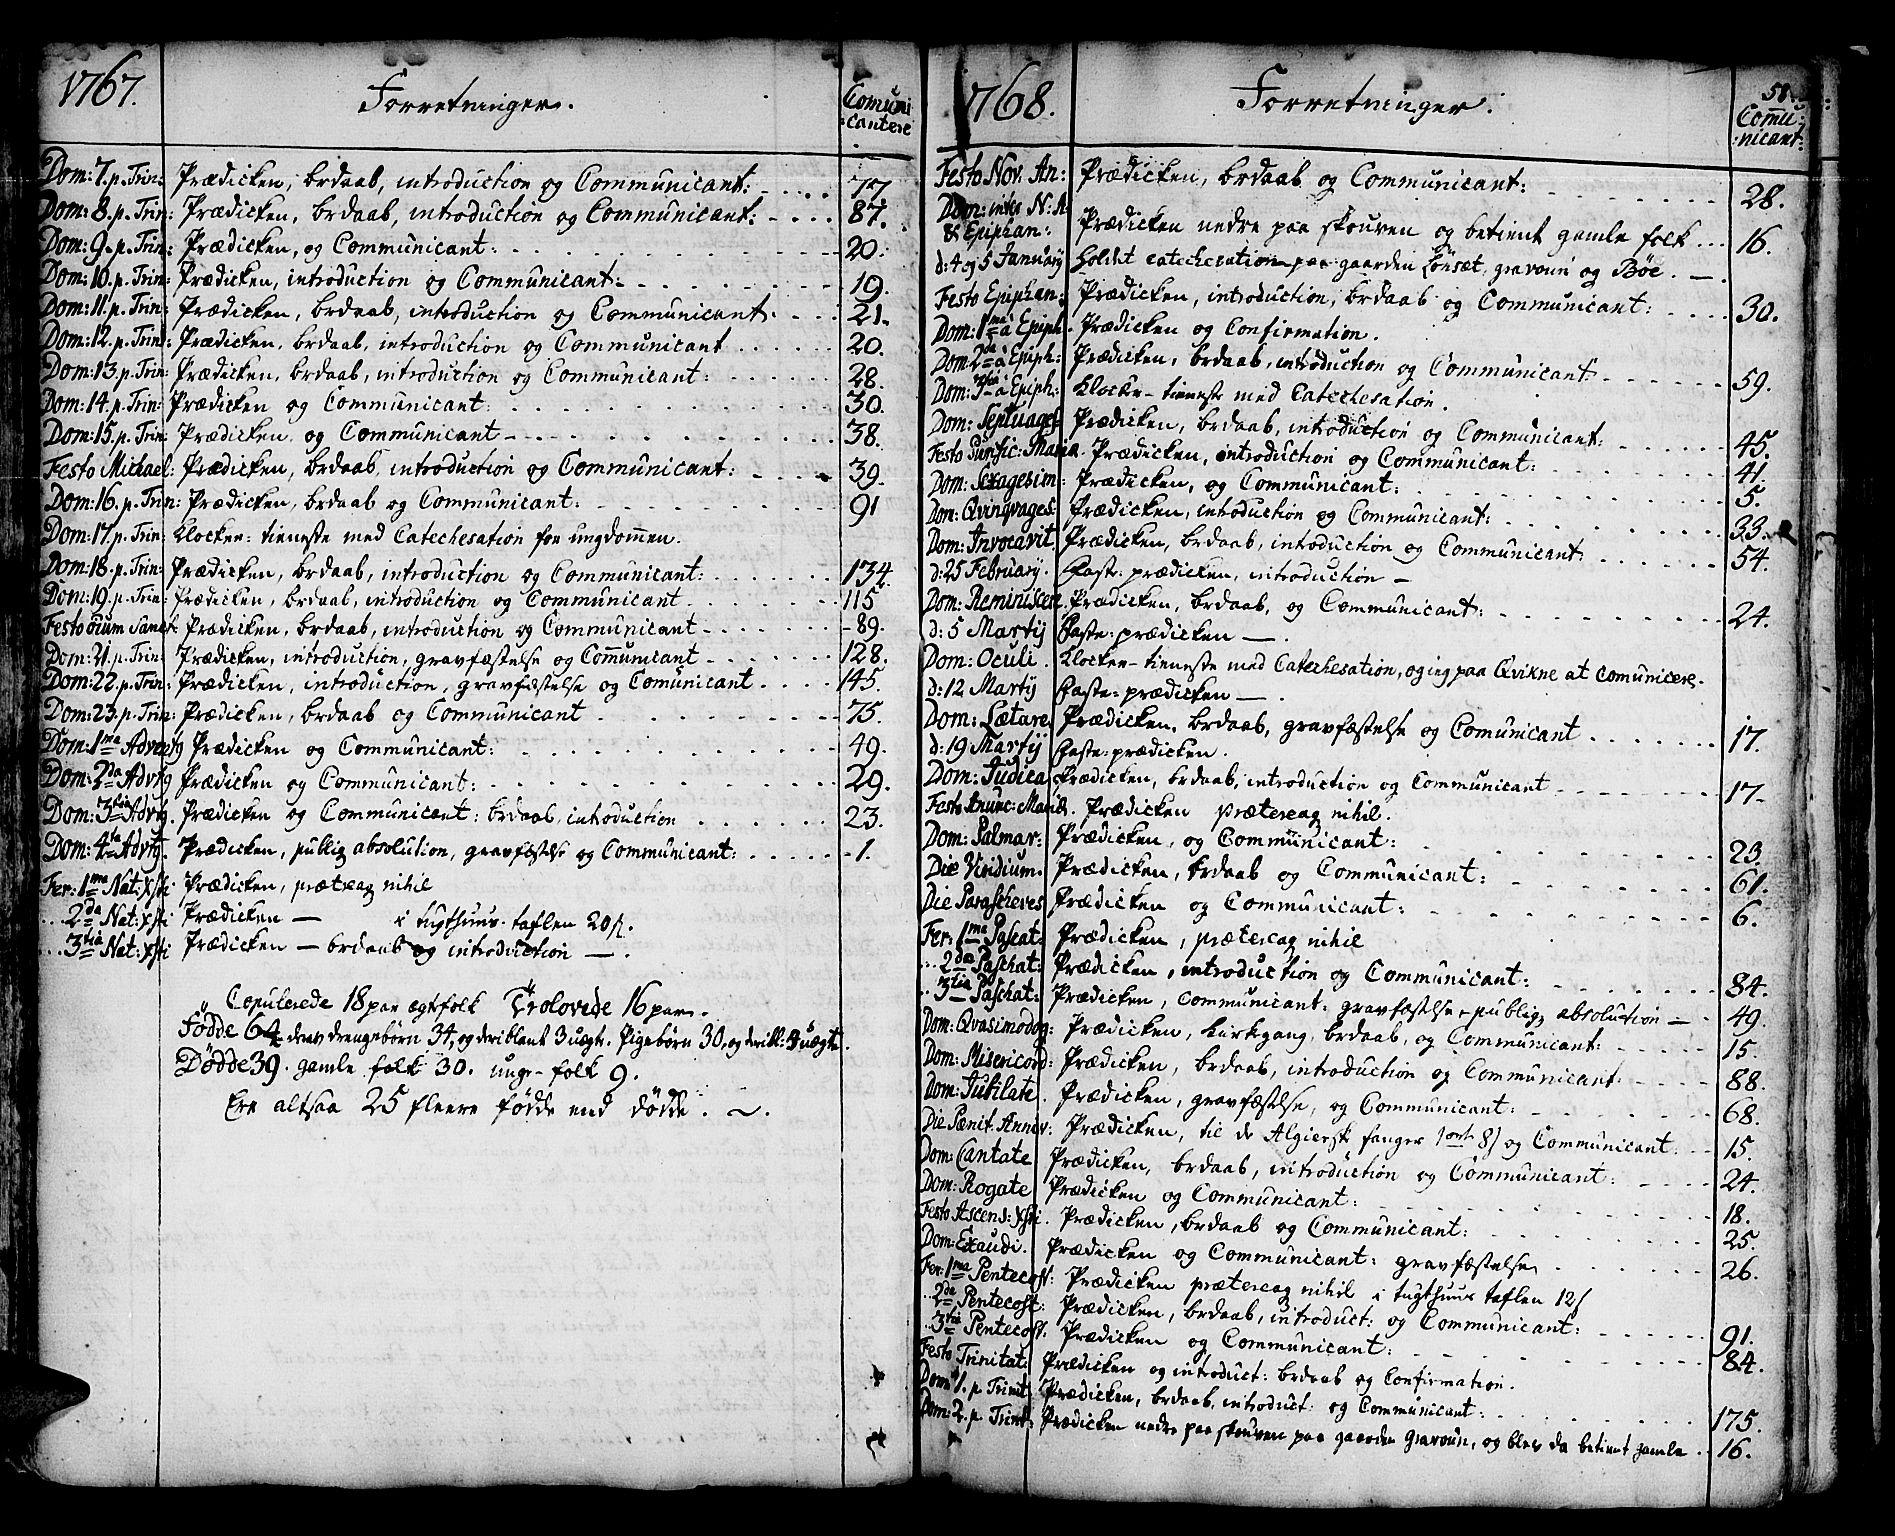 SAT, Ministerialprotokoller, klokkerbøker og fødselsregistre - Sør-Trøndelag, 678/L0891: Ministerialbok nr. 678A01, 1739-1780, s. 58